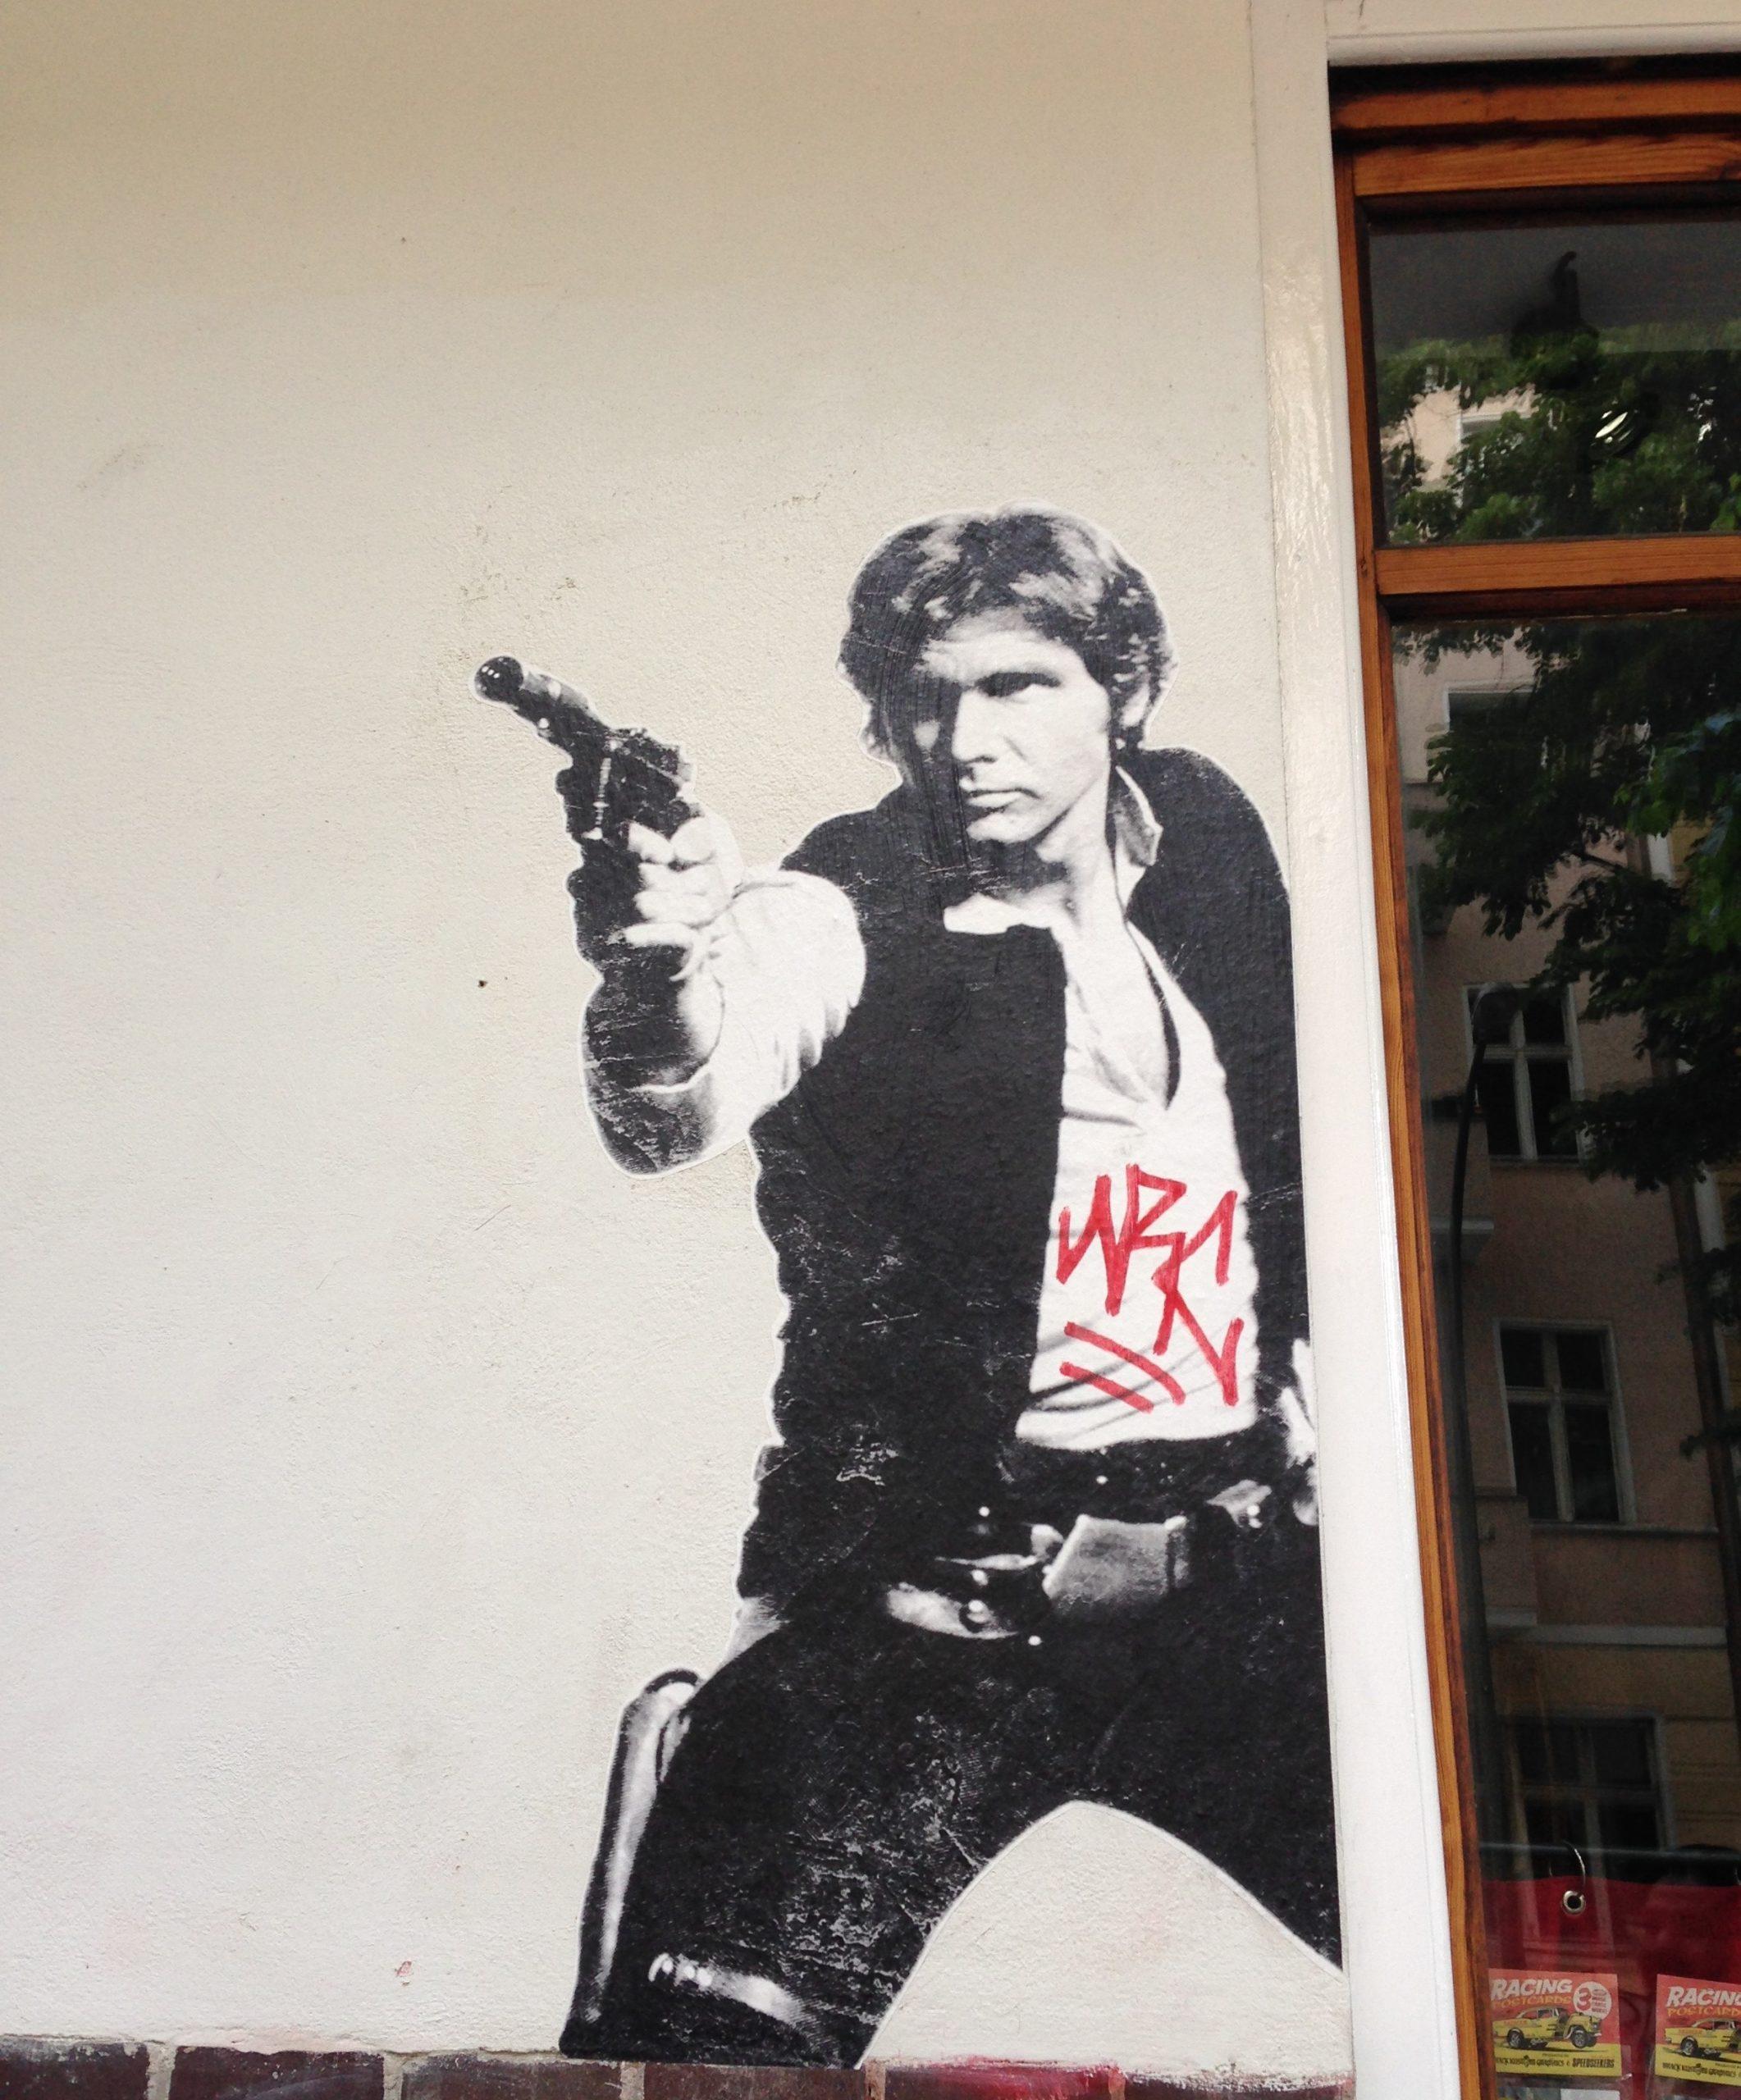 Street Art ganz nach dem Geschmack meiner Kinder...